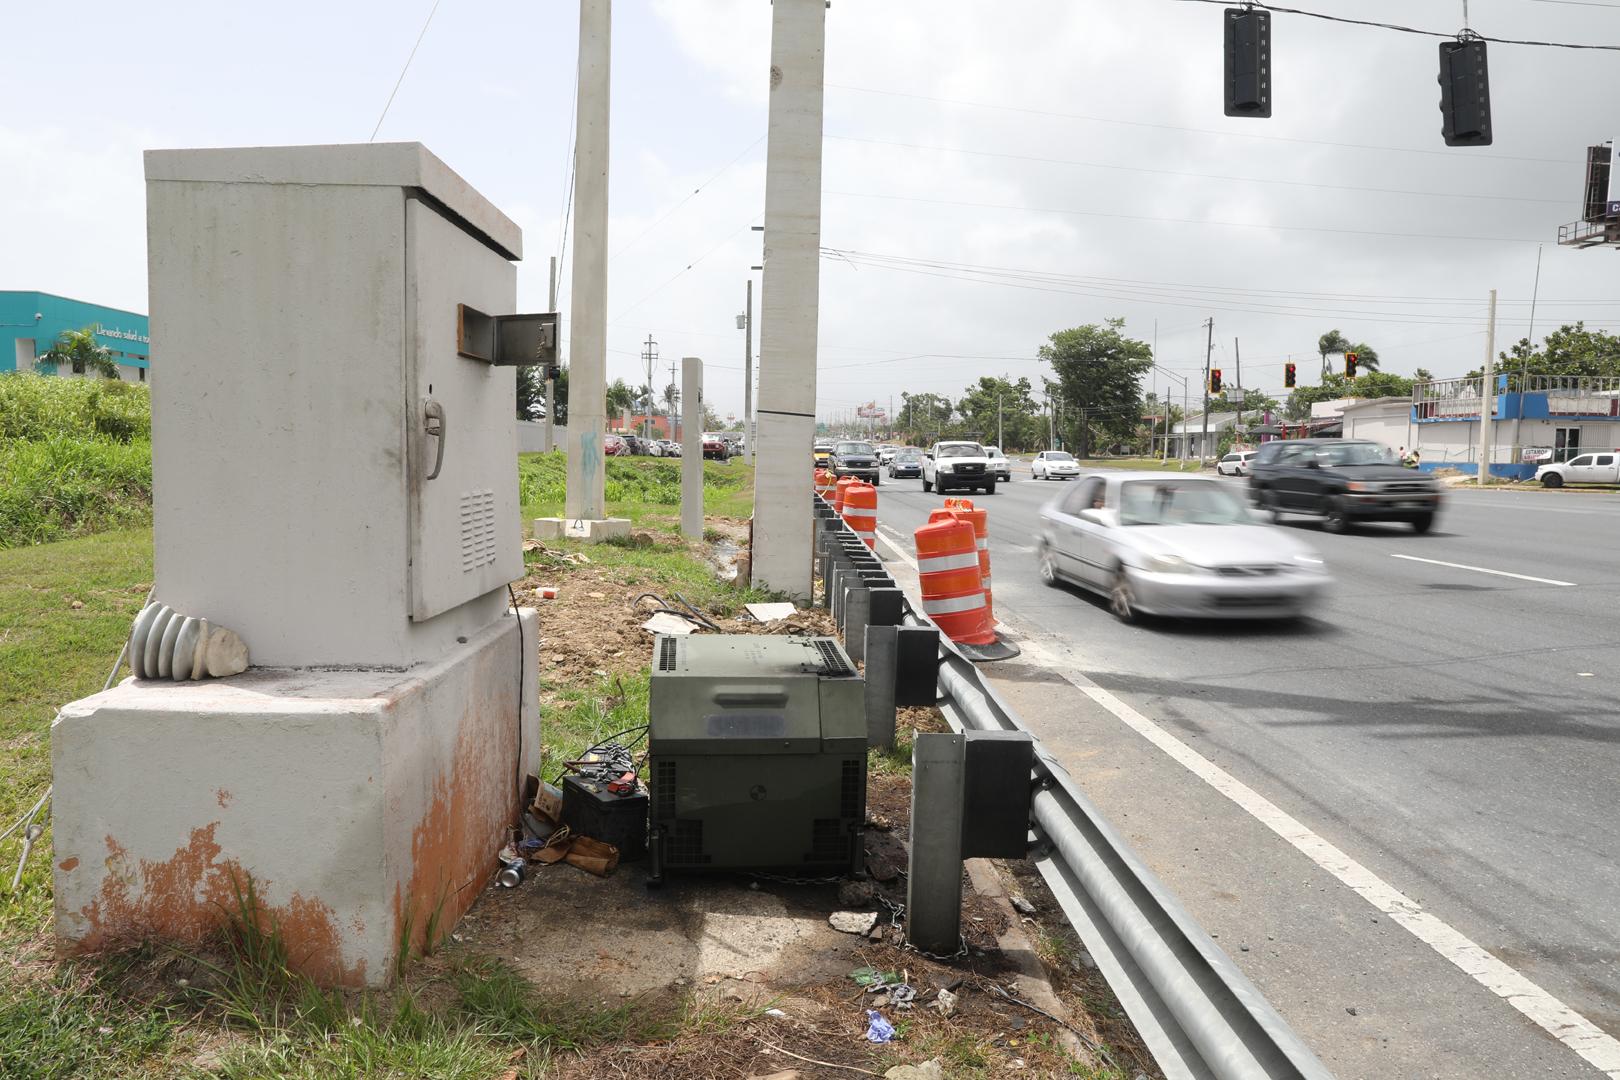 Energizarán los semáforos de dos intersecciones en Carolina